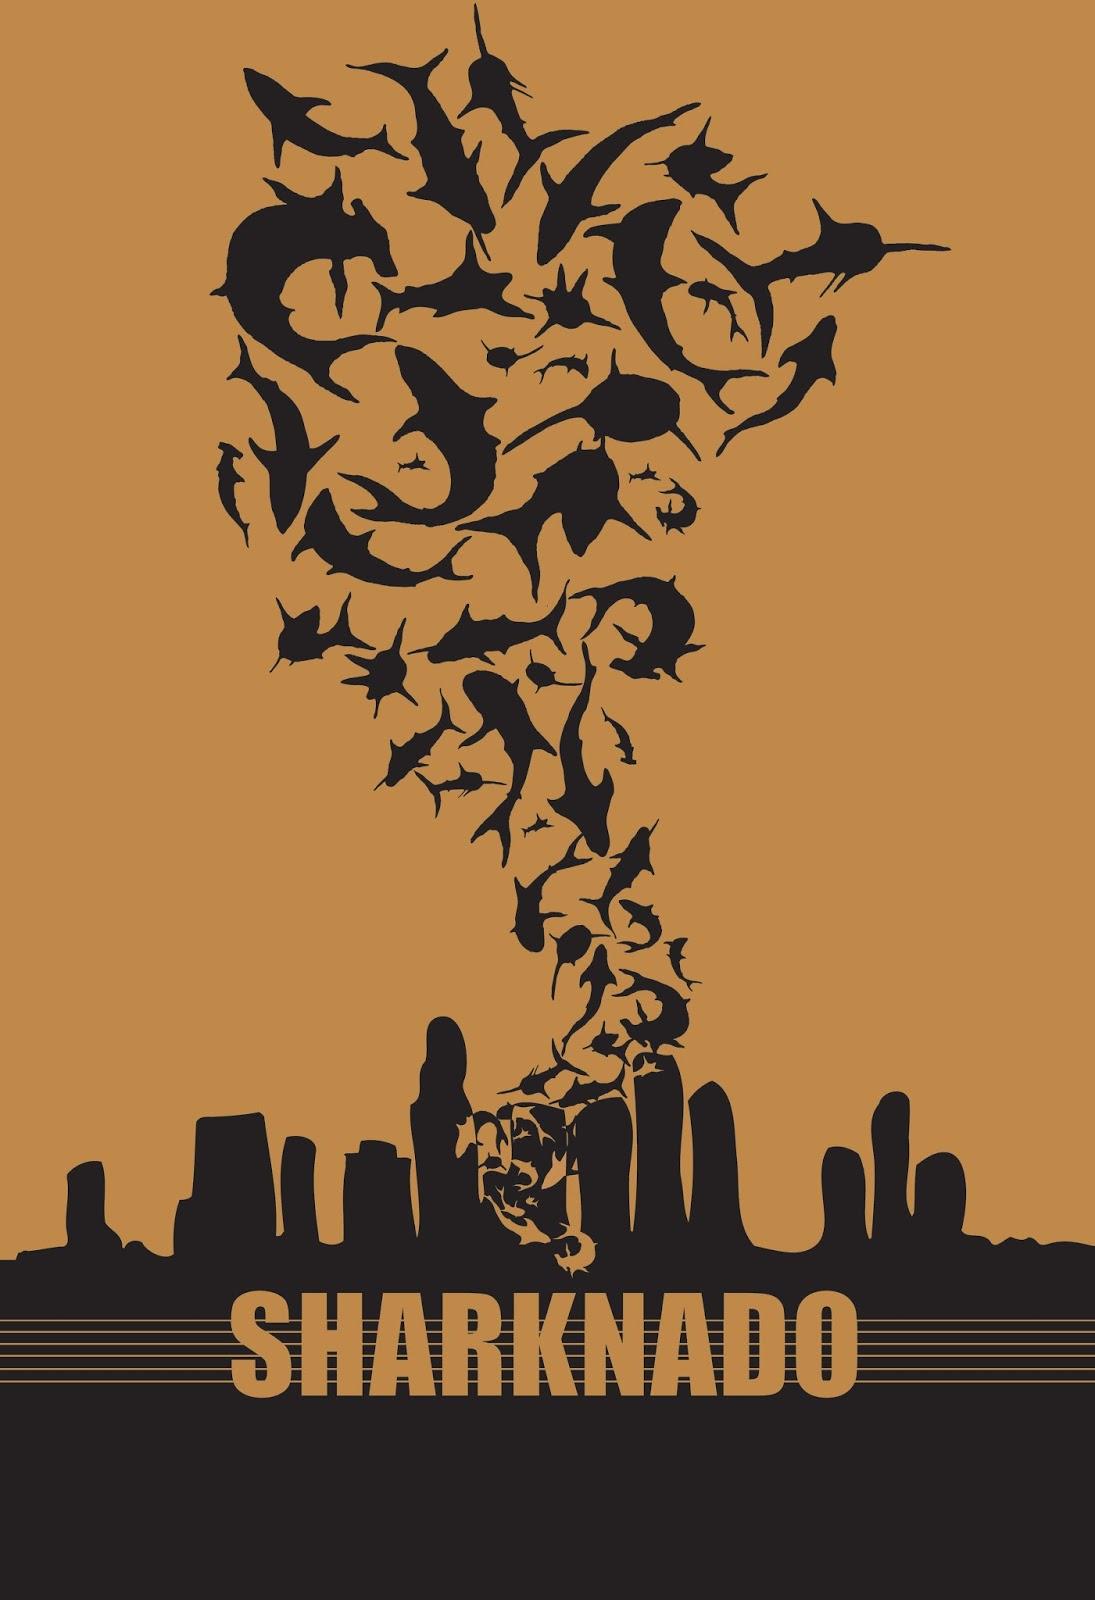 Risultati immagini per sharknado poster